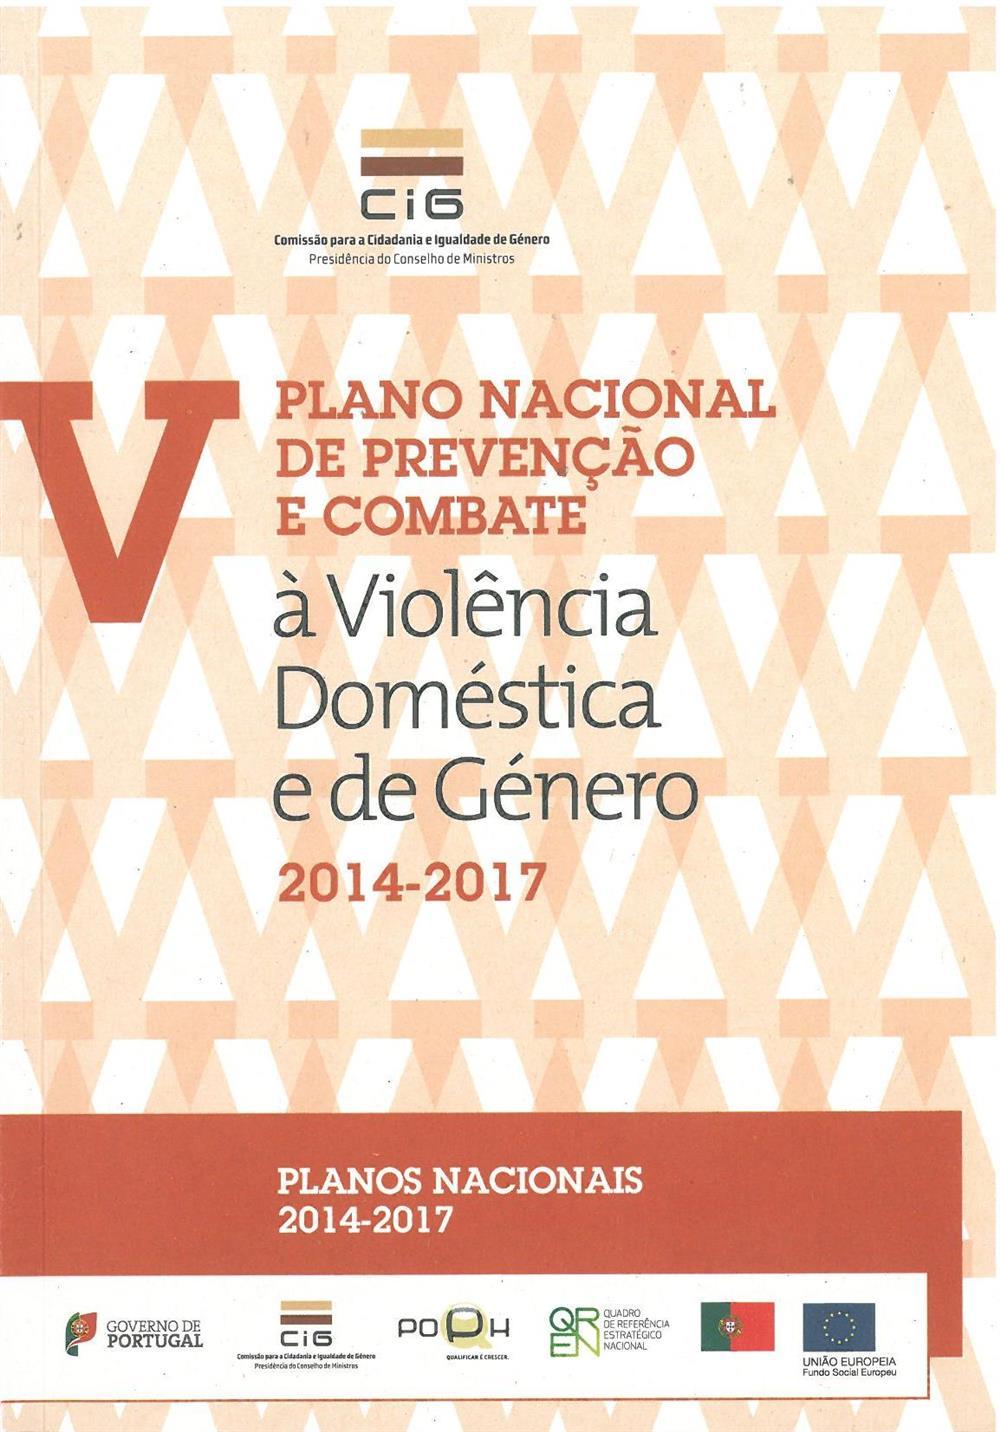 V Plano Nacional de Prevenção e Combate à Violência Doméstica..._.jpg